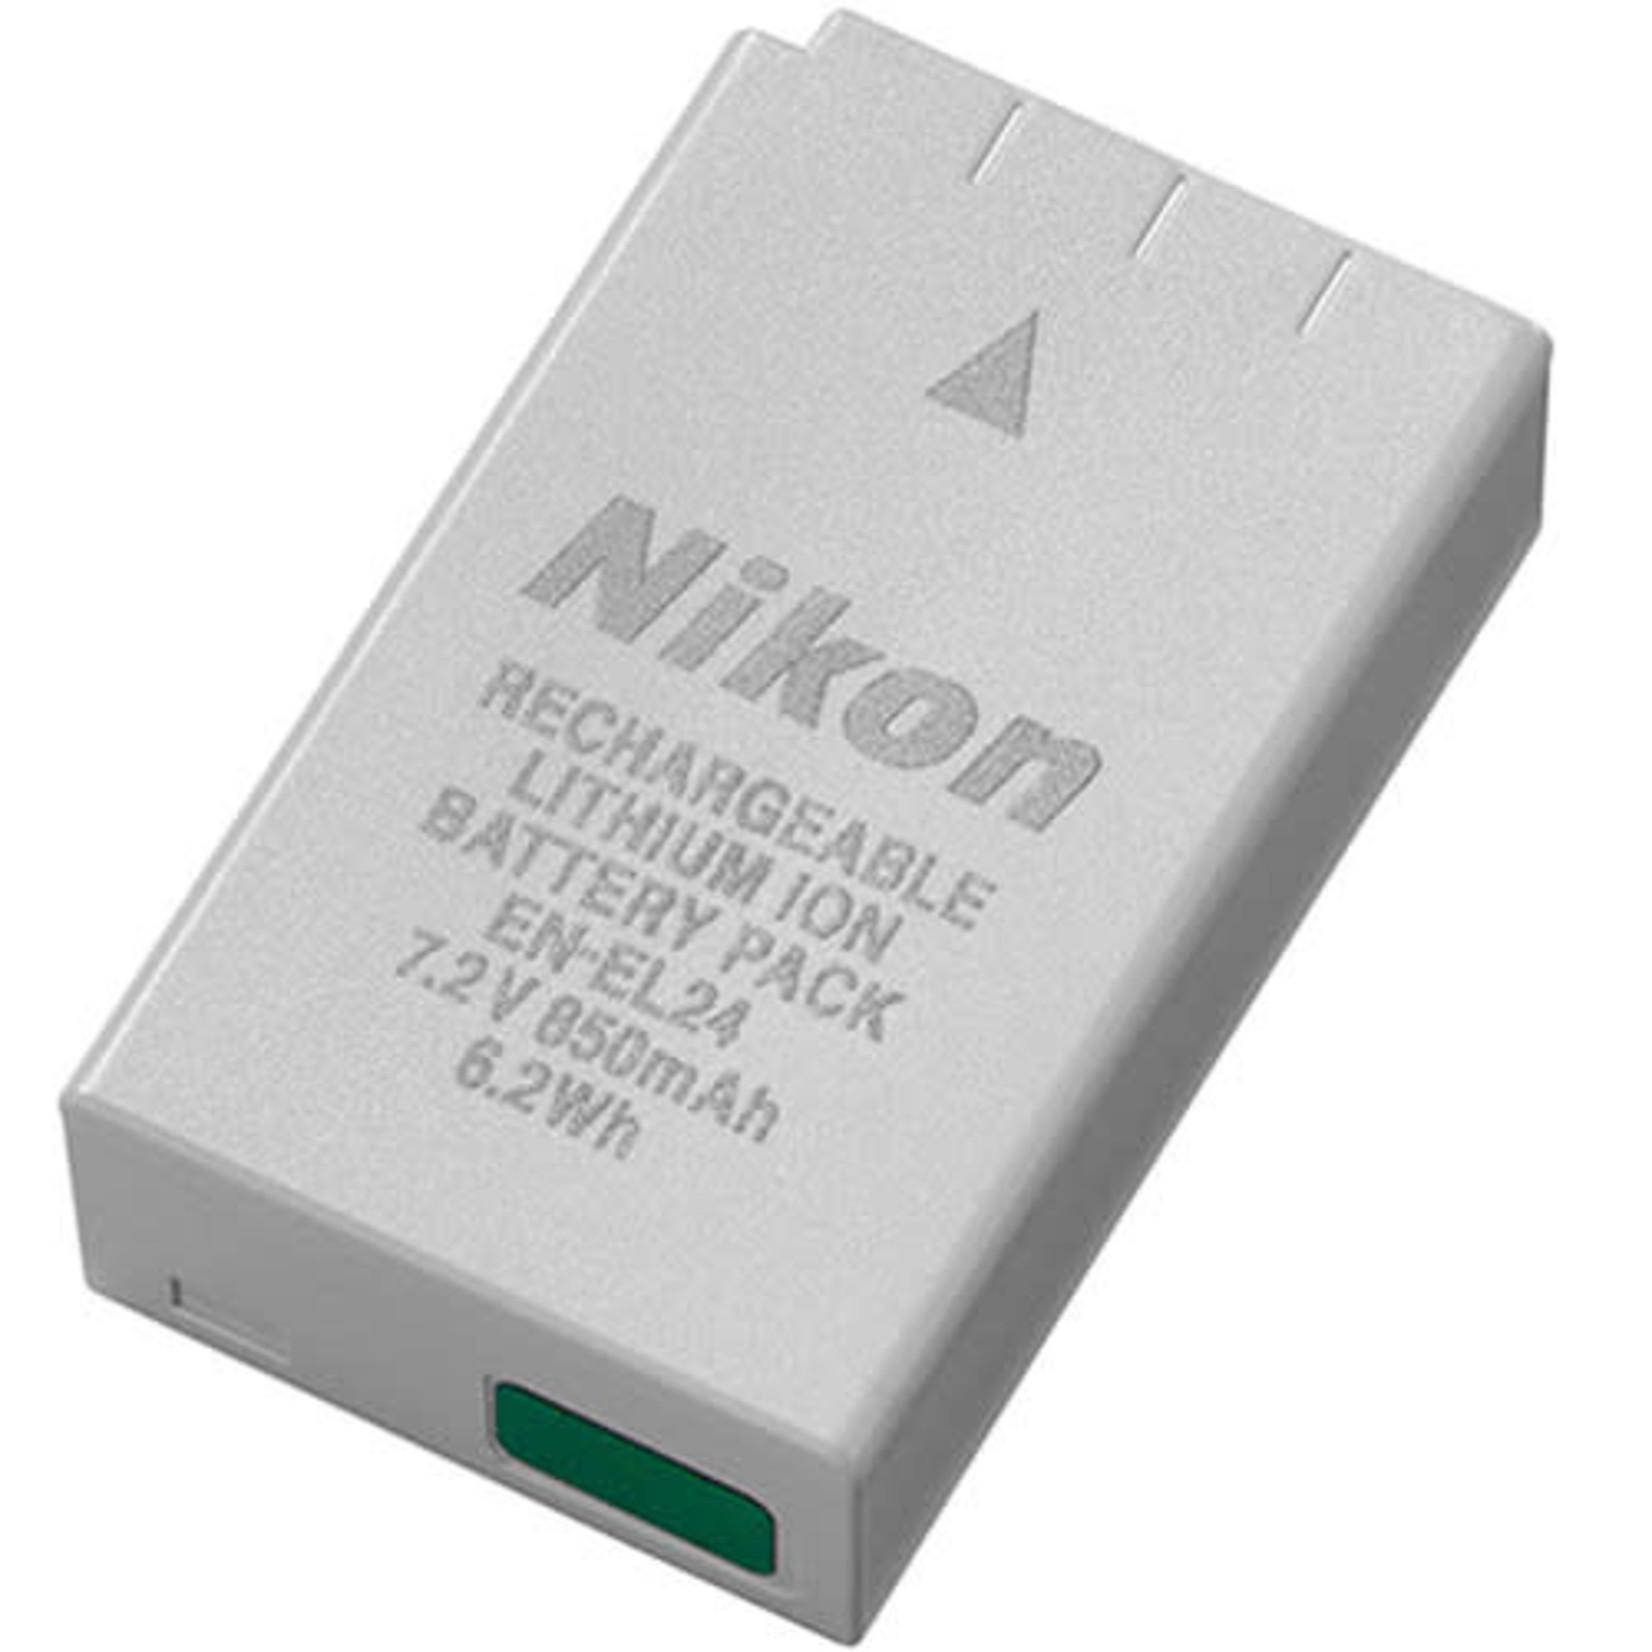 Nikon Nikon EN-EL24 Rechargeable Lithium-Ion Battery Pack (7.2V, 850mAh)